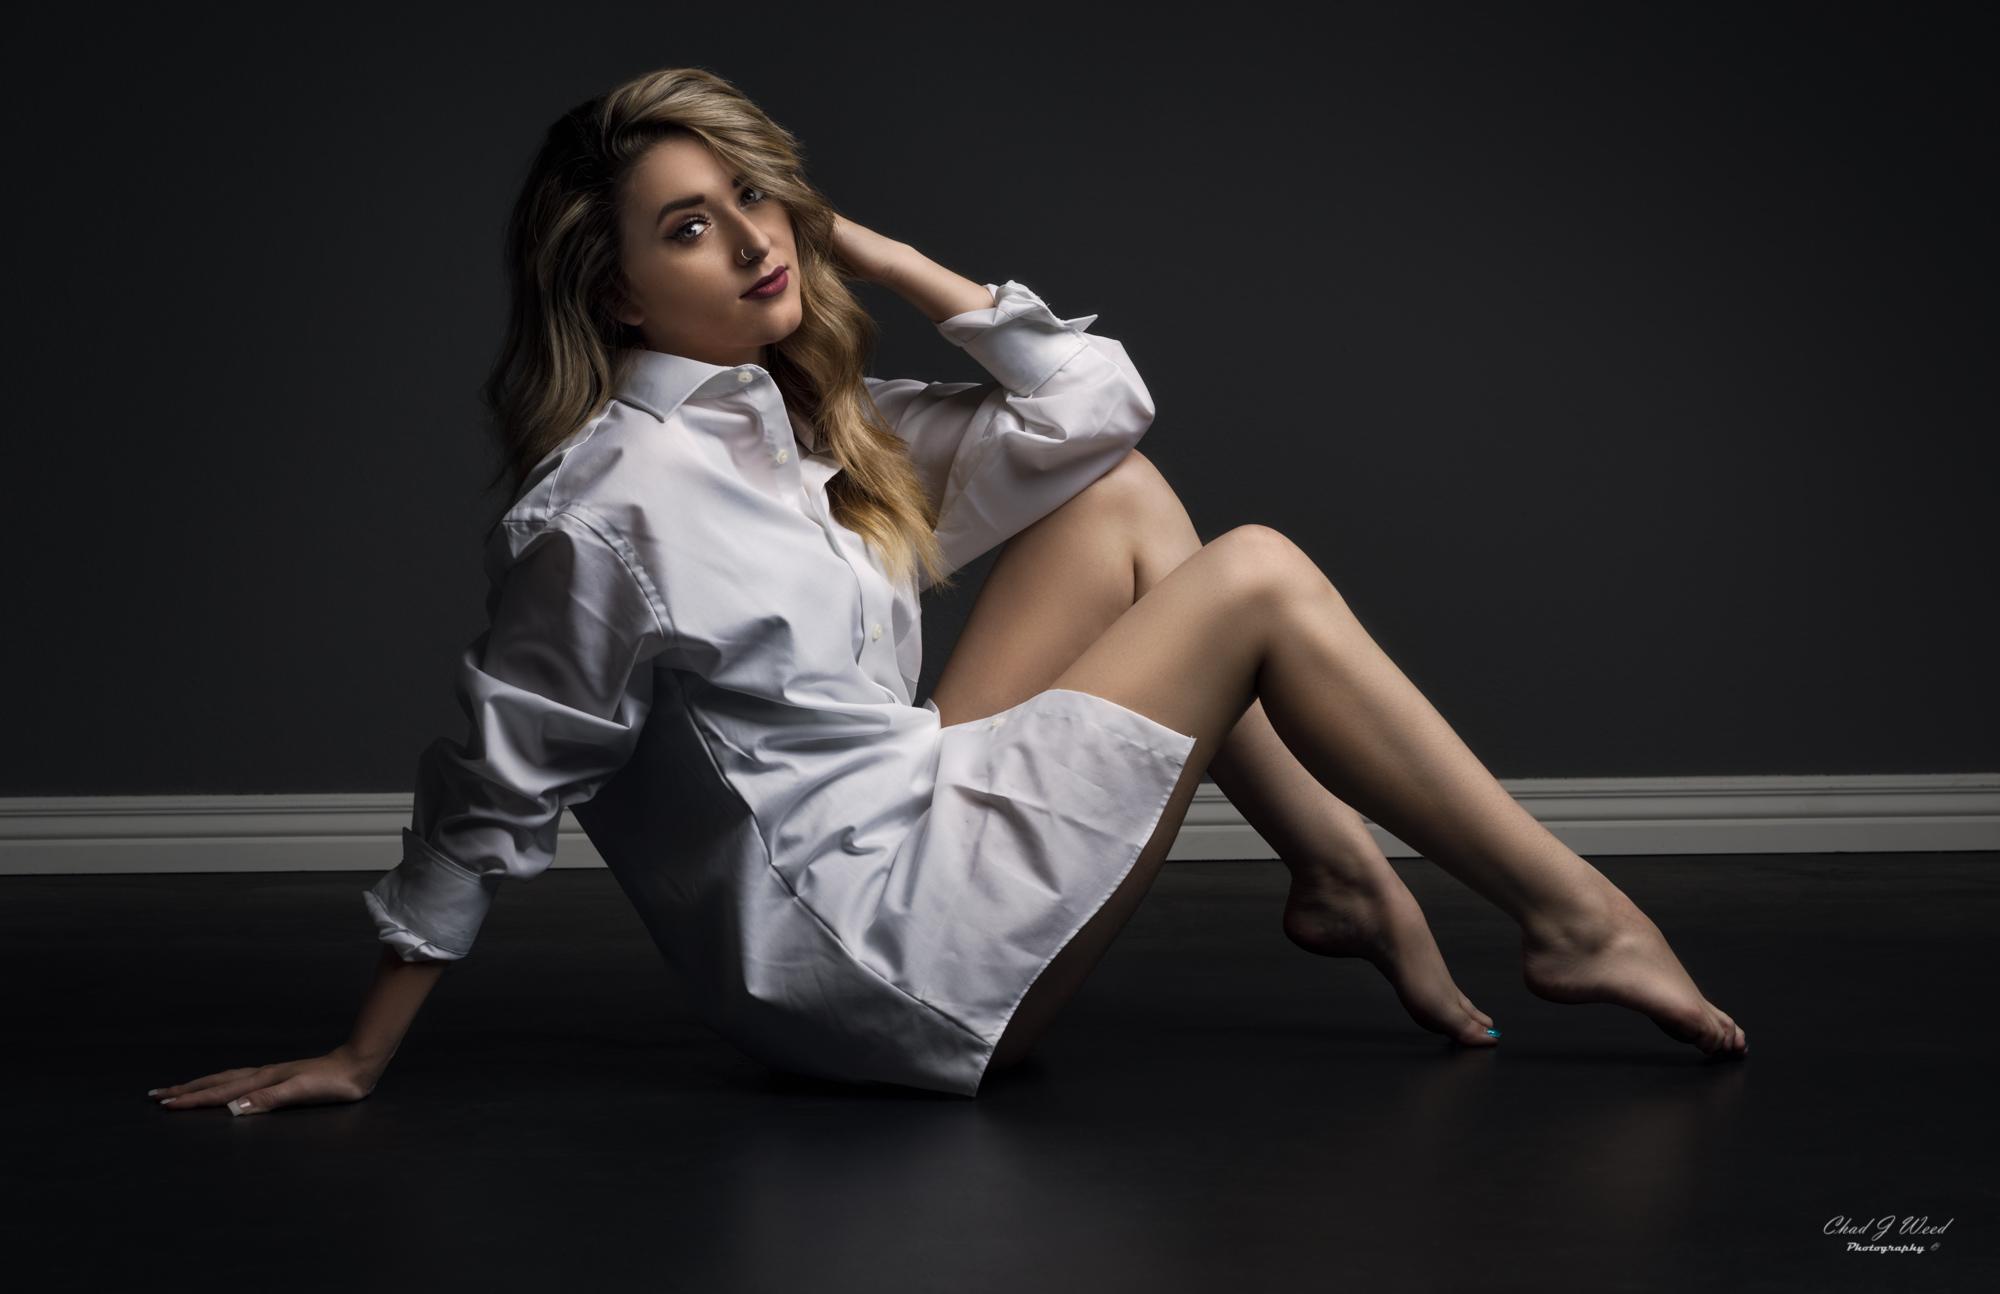 Amber Fashion Boudior by Mesa Arizona Portrait Photographer Chad Weed